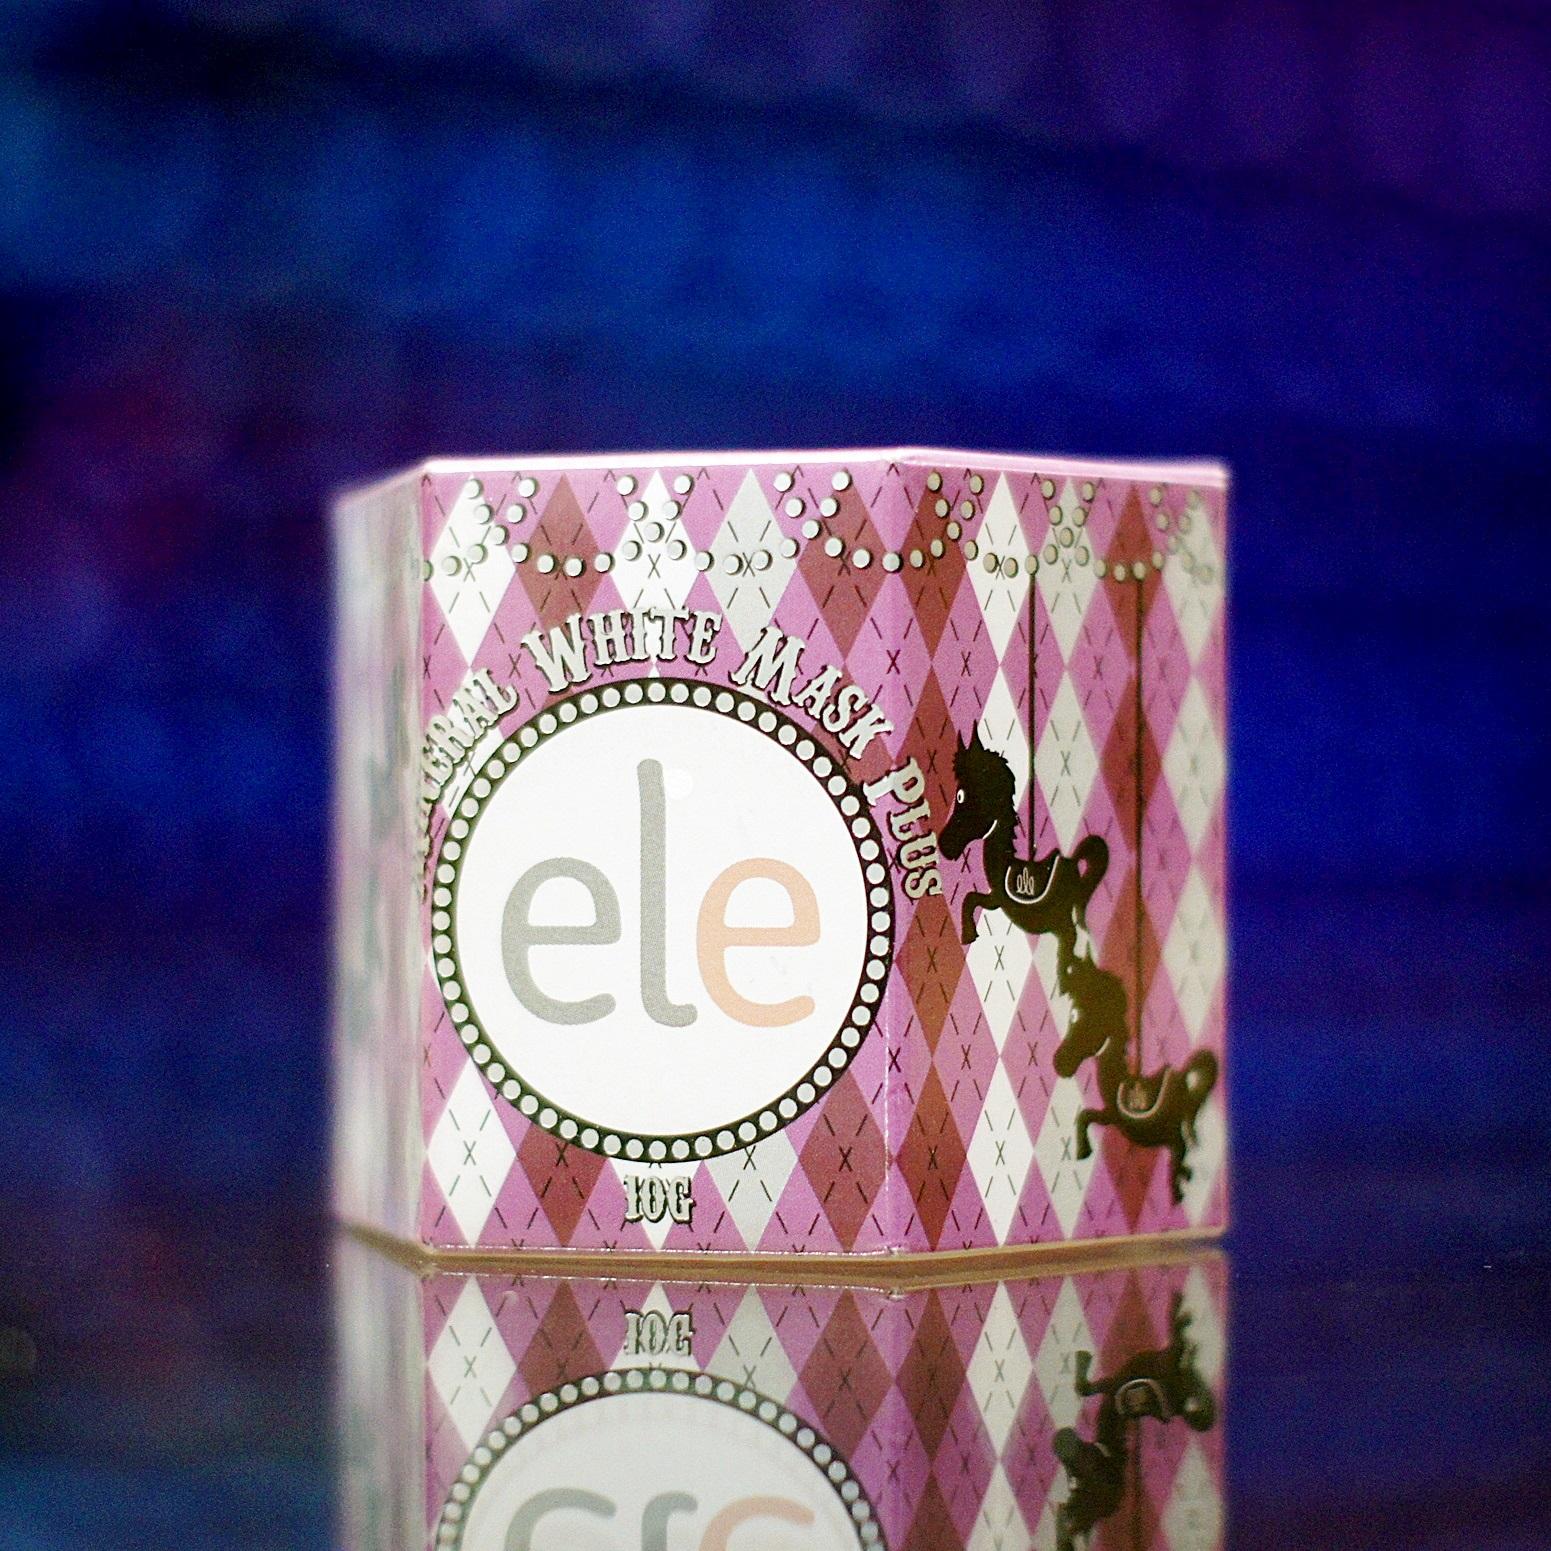 ครีมเอลลี่ มาส์กหน้าใส Ele Cream Mask 10g.แพคเกจใหม่